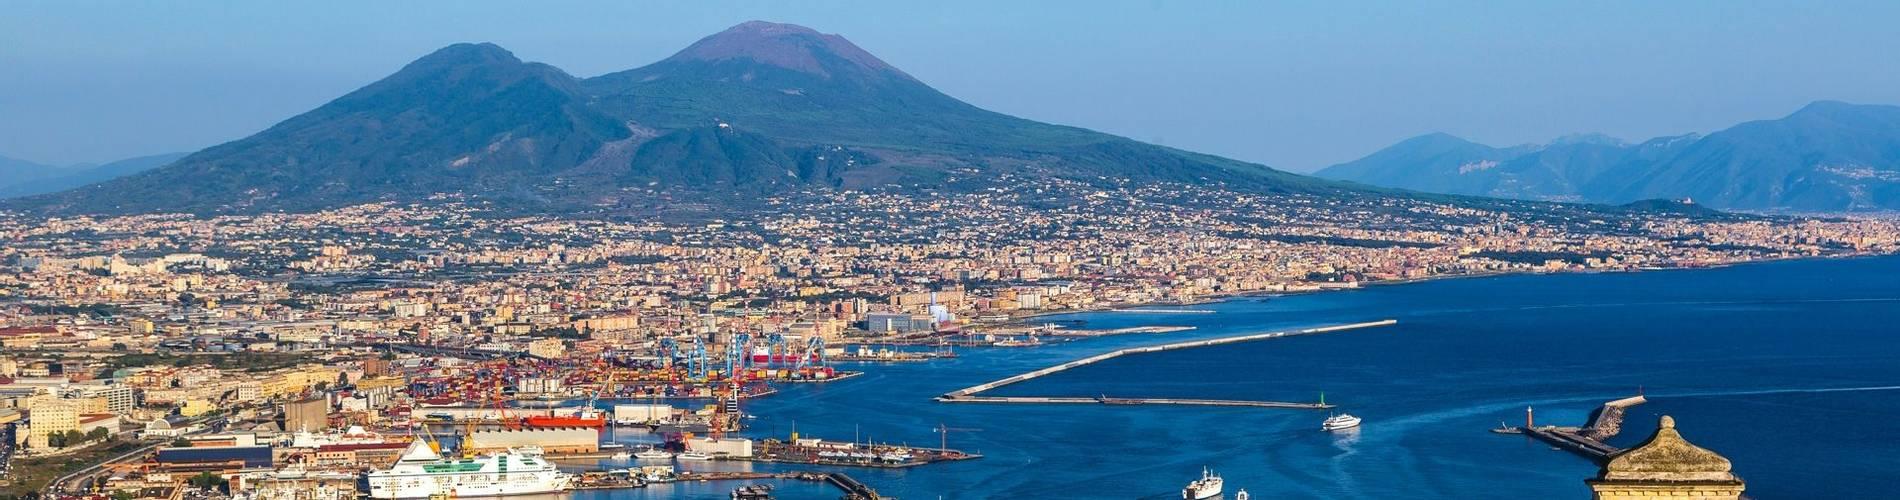 Bay of Naples.jpg